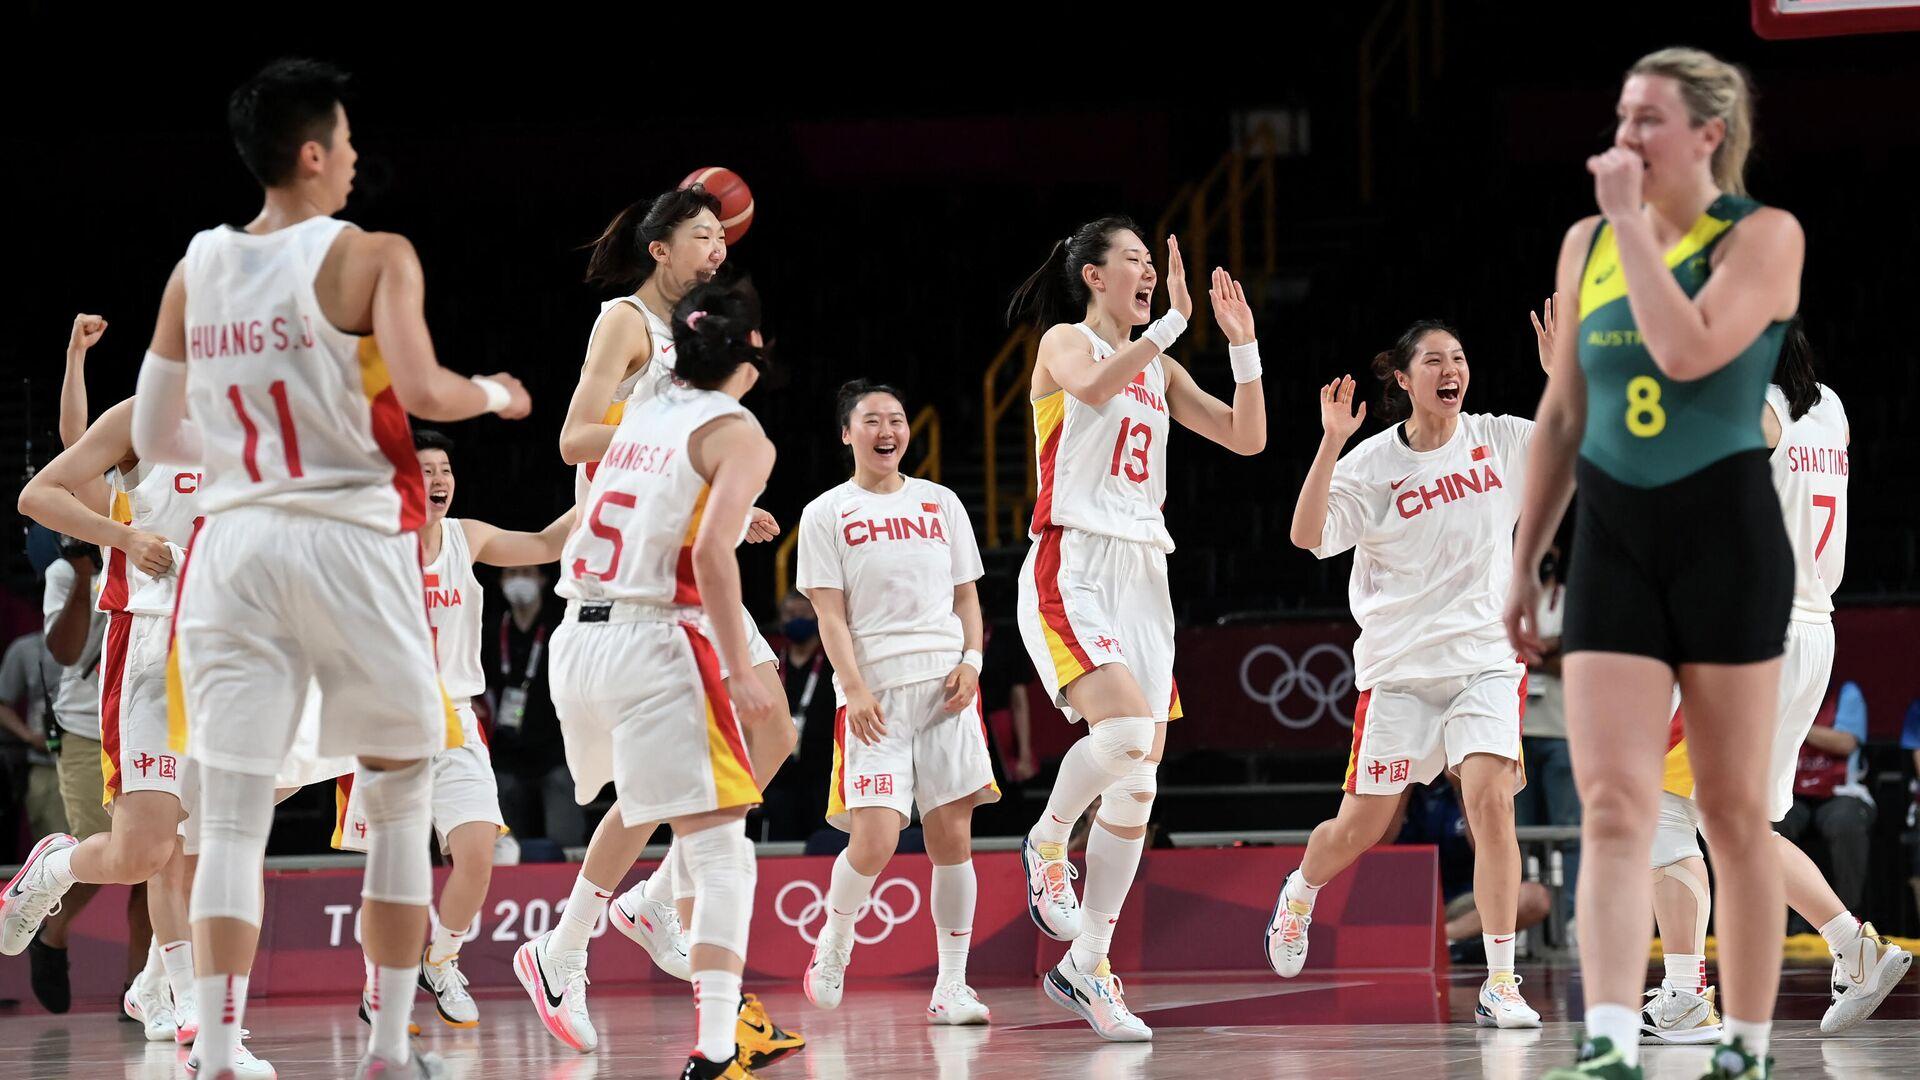 Женская сборная Китая по баскетболу на Олимпиаде в Токио - РИА Новости, 1920, 30.07.2021